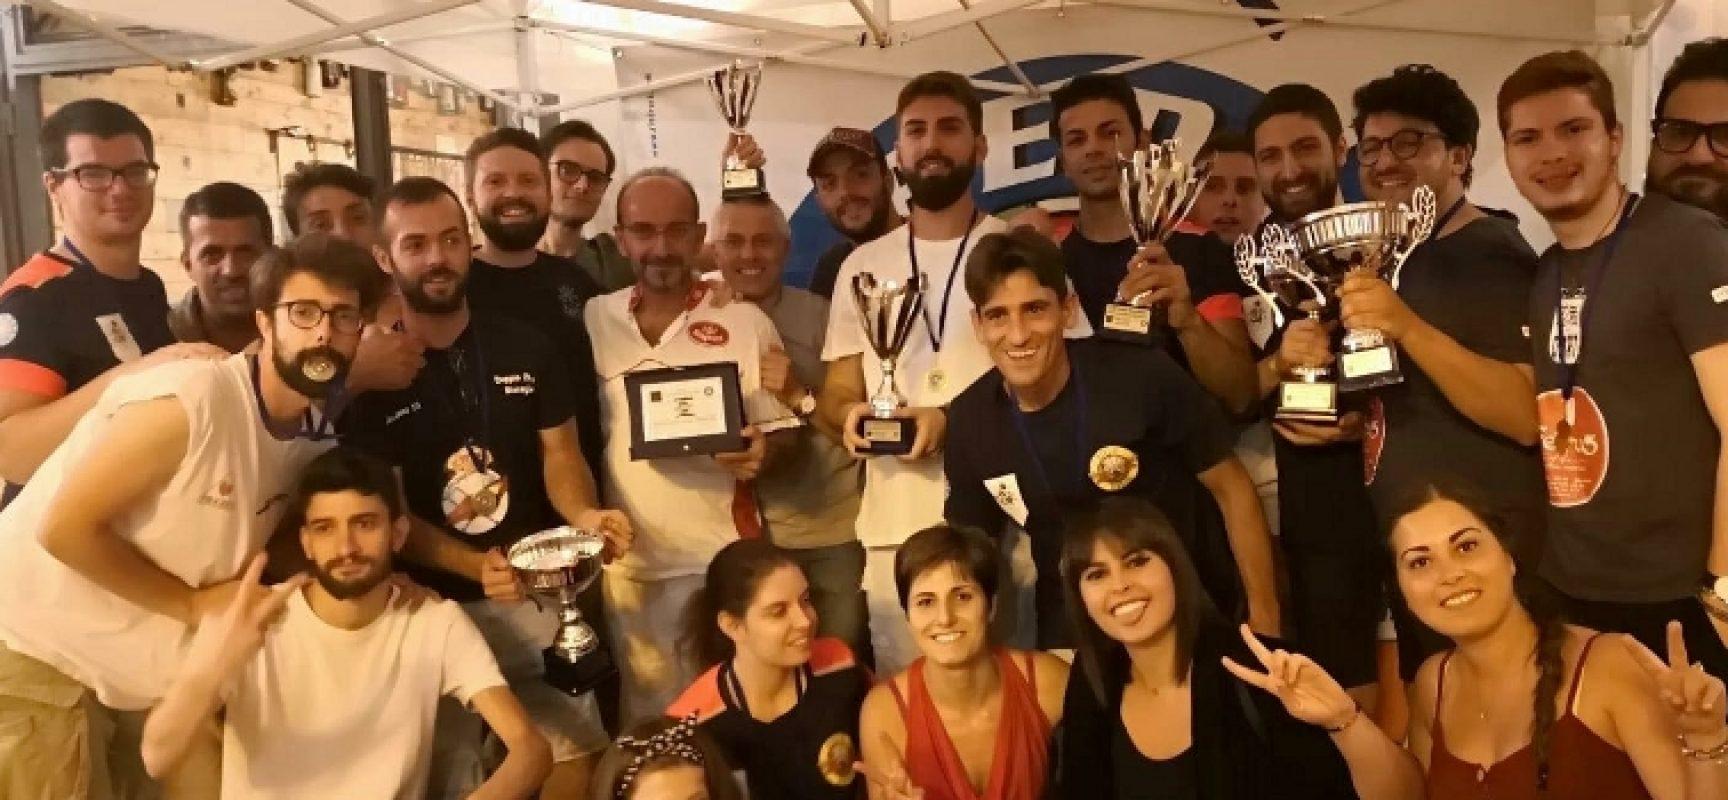 L'Apulia Golden Dart organizza torneo di beneficenza in favore dei bambini in difficoltà